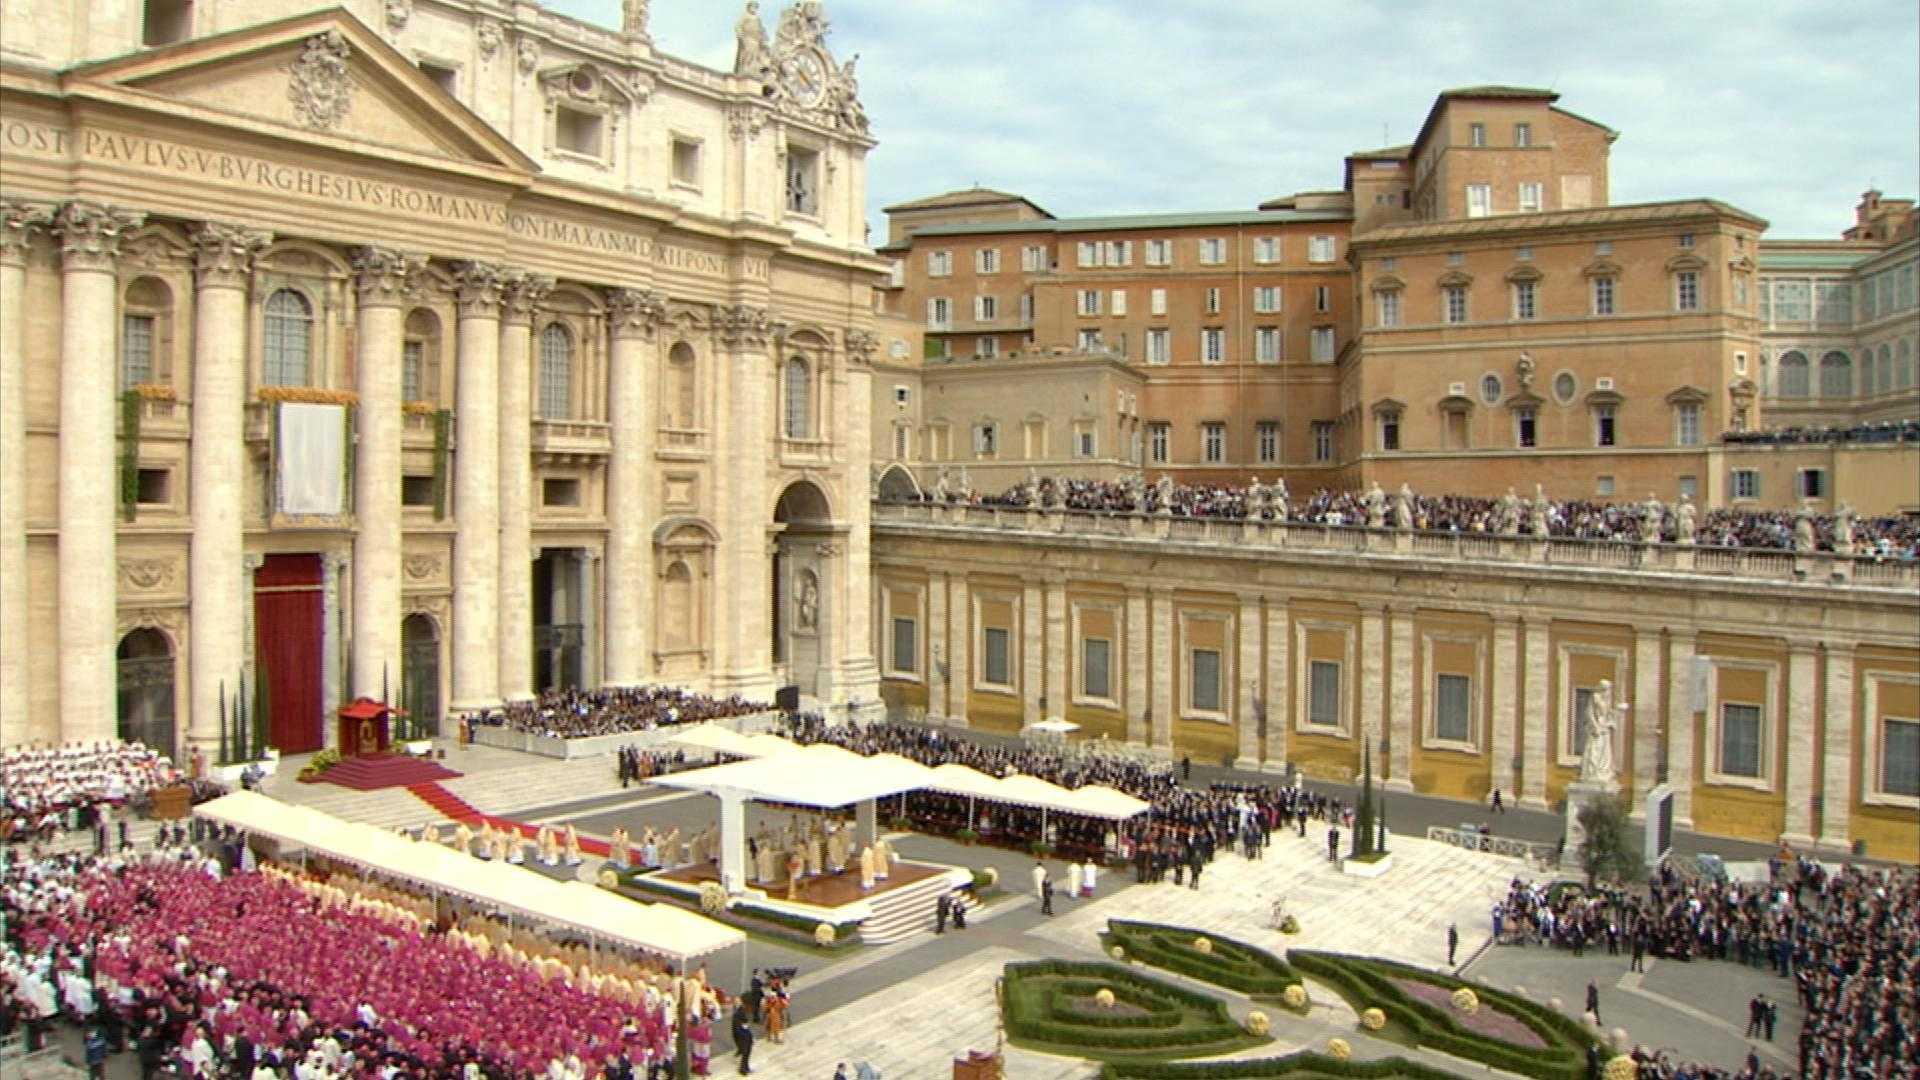 La cerimonia di Canonizzazione in diretta da Piazza San Pietro su Sky 3D | Digitale terrestre: Dtti.it